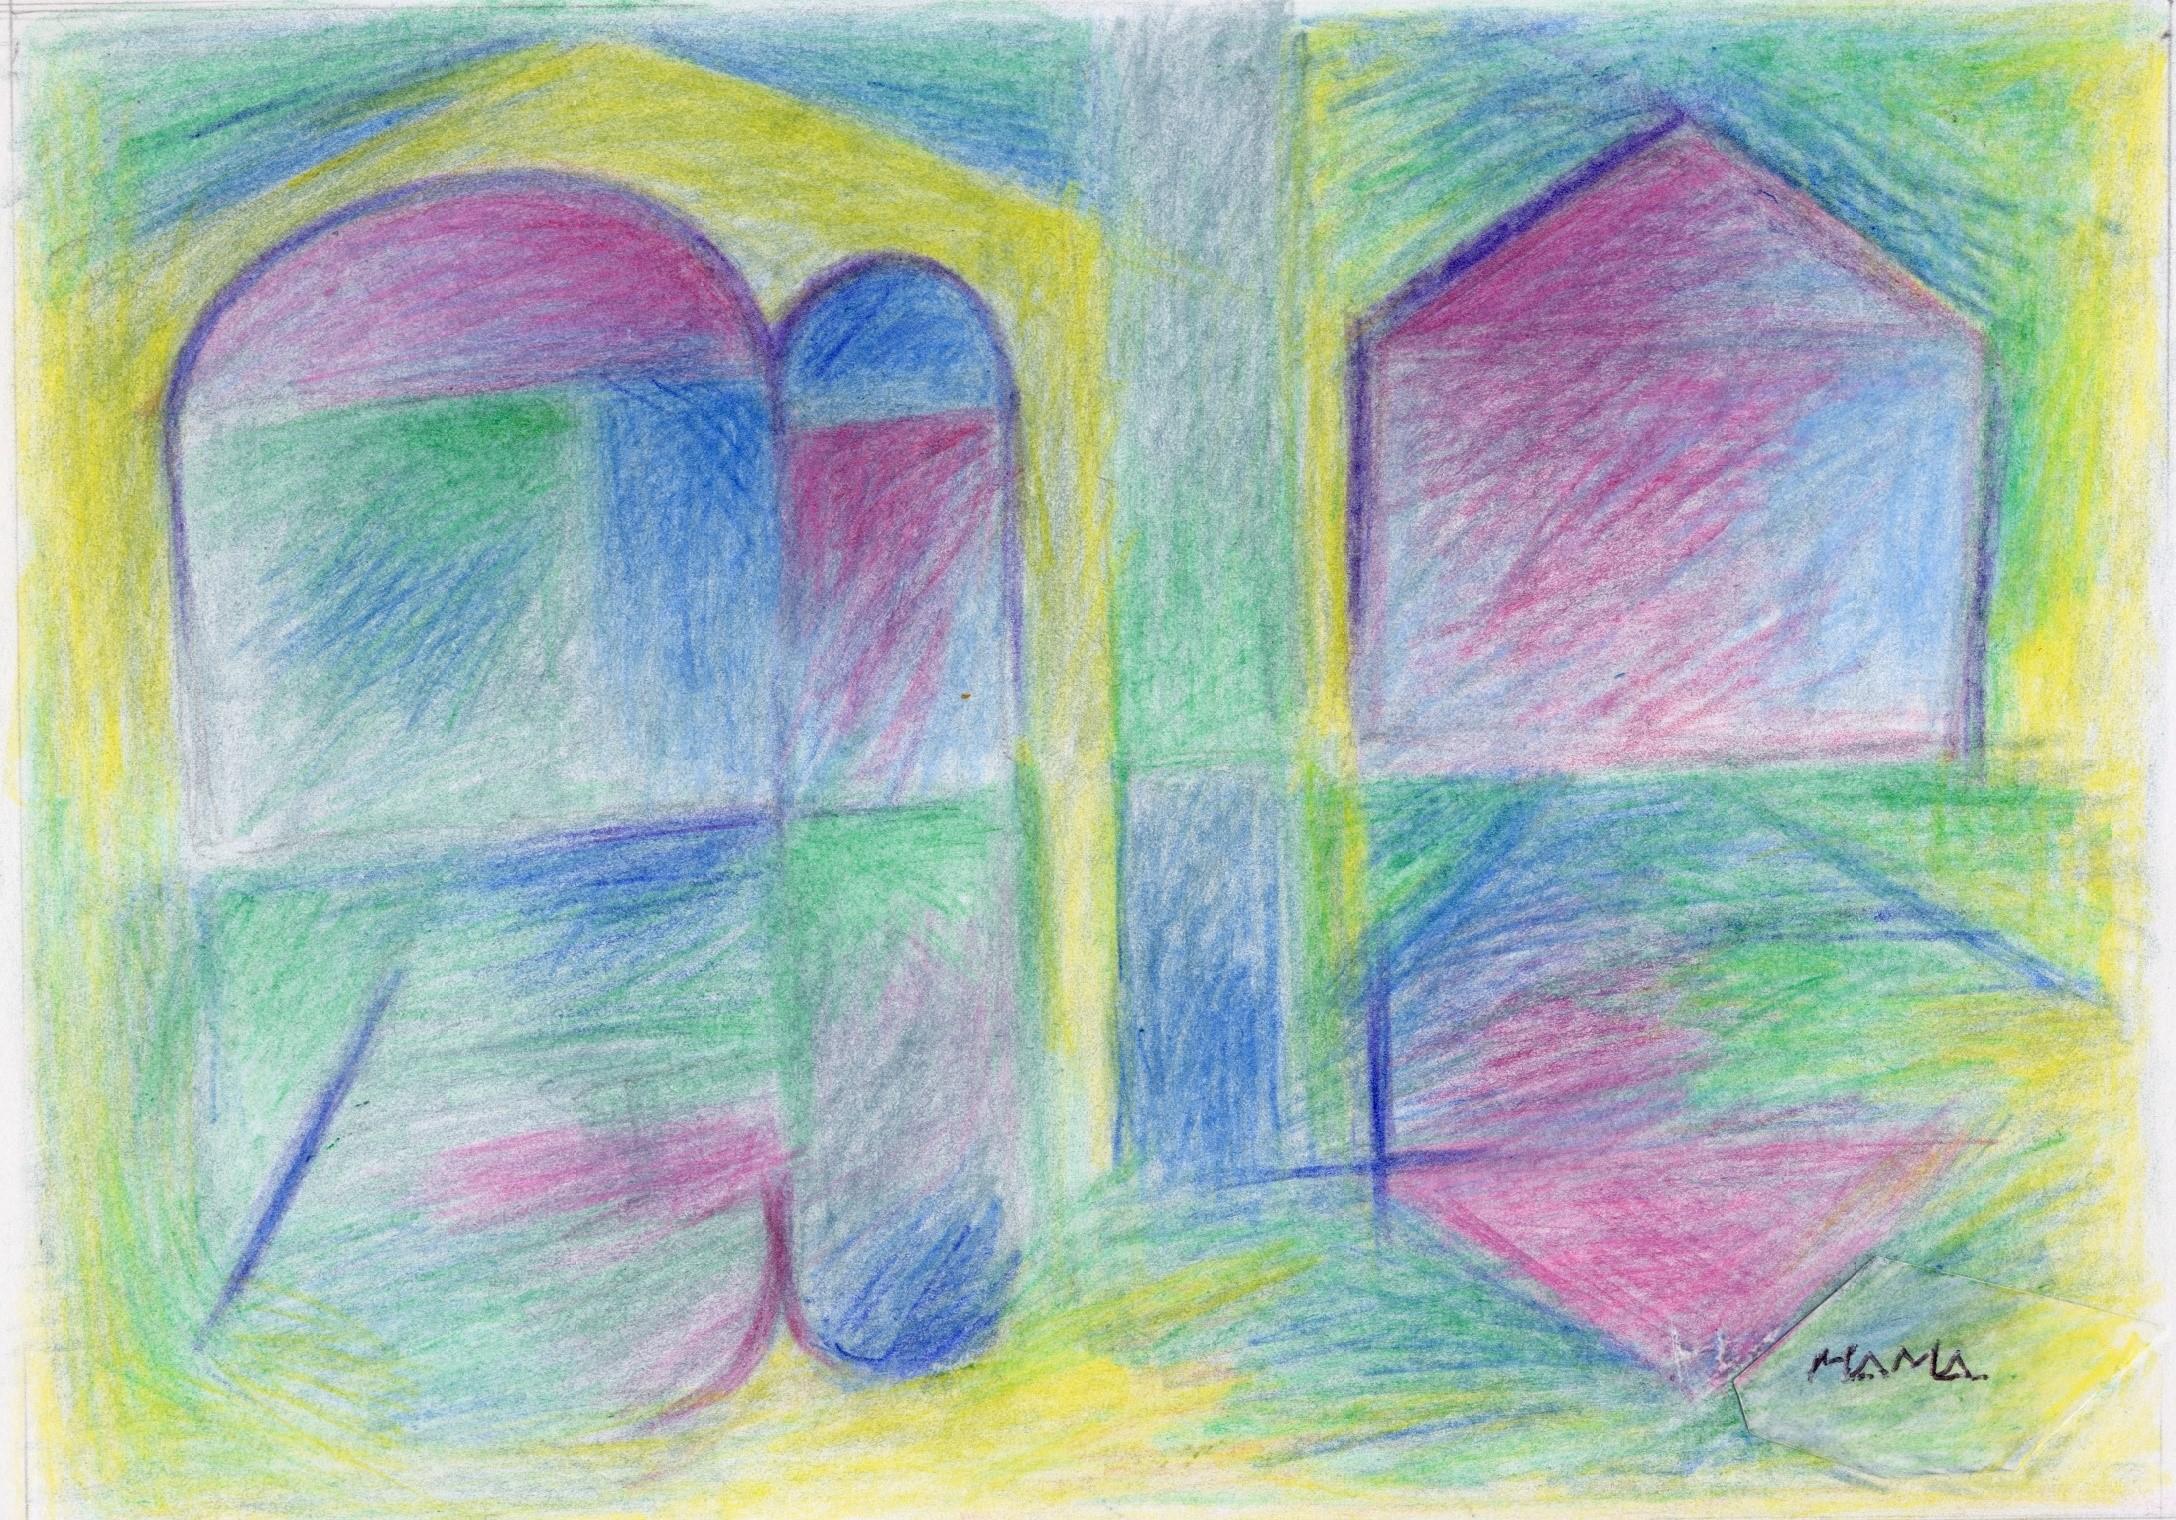 ふるさとの物語 第184回 合浦回想        ~柔らかい色彩の原風景~